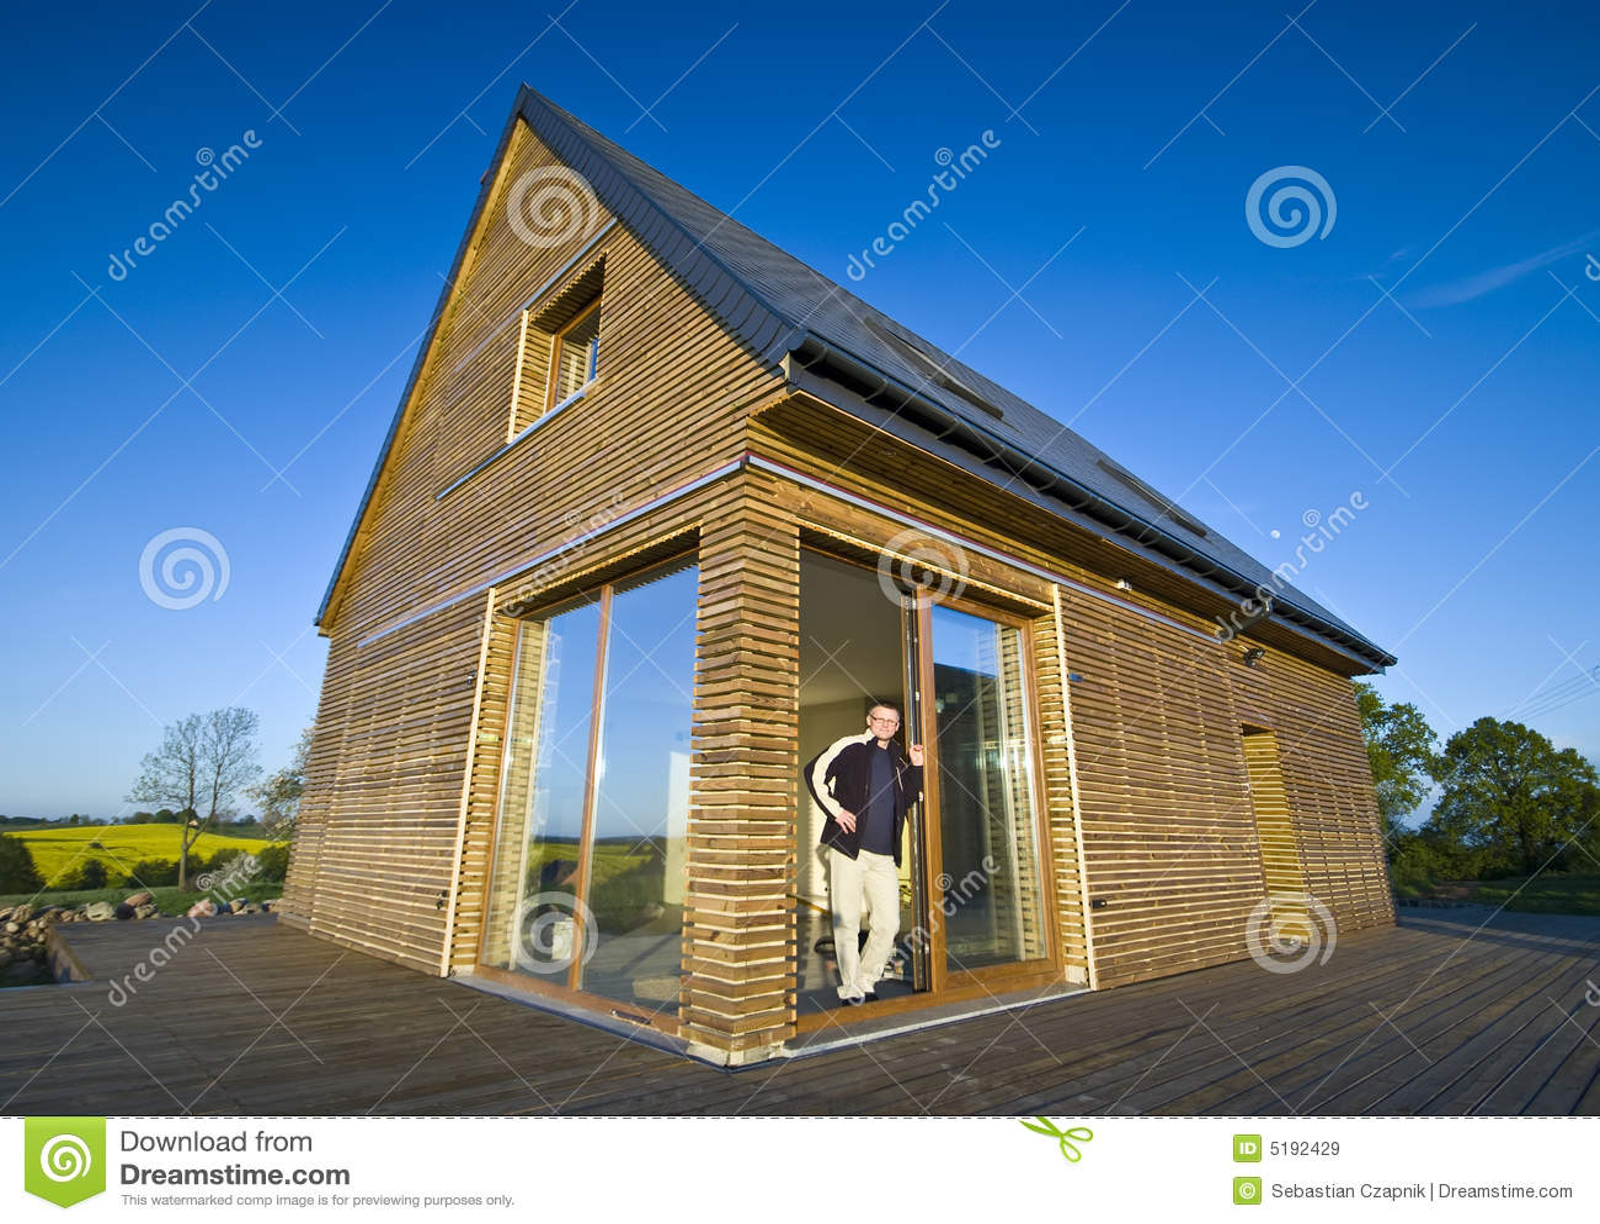 Huis met houten buitenkant royalty vrije stock afbeeldingen afbeelding 5192429 - Buitenkant thuis ...